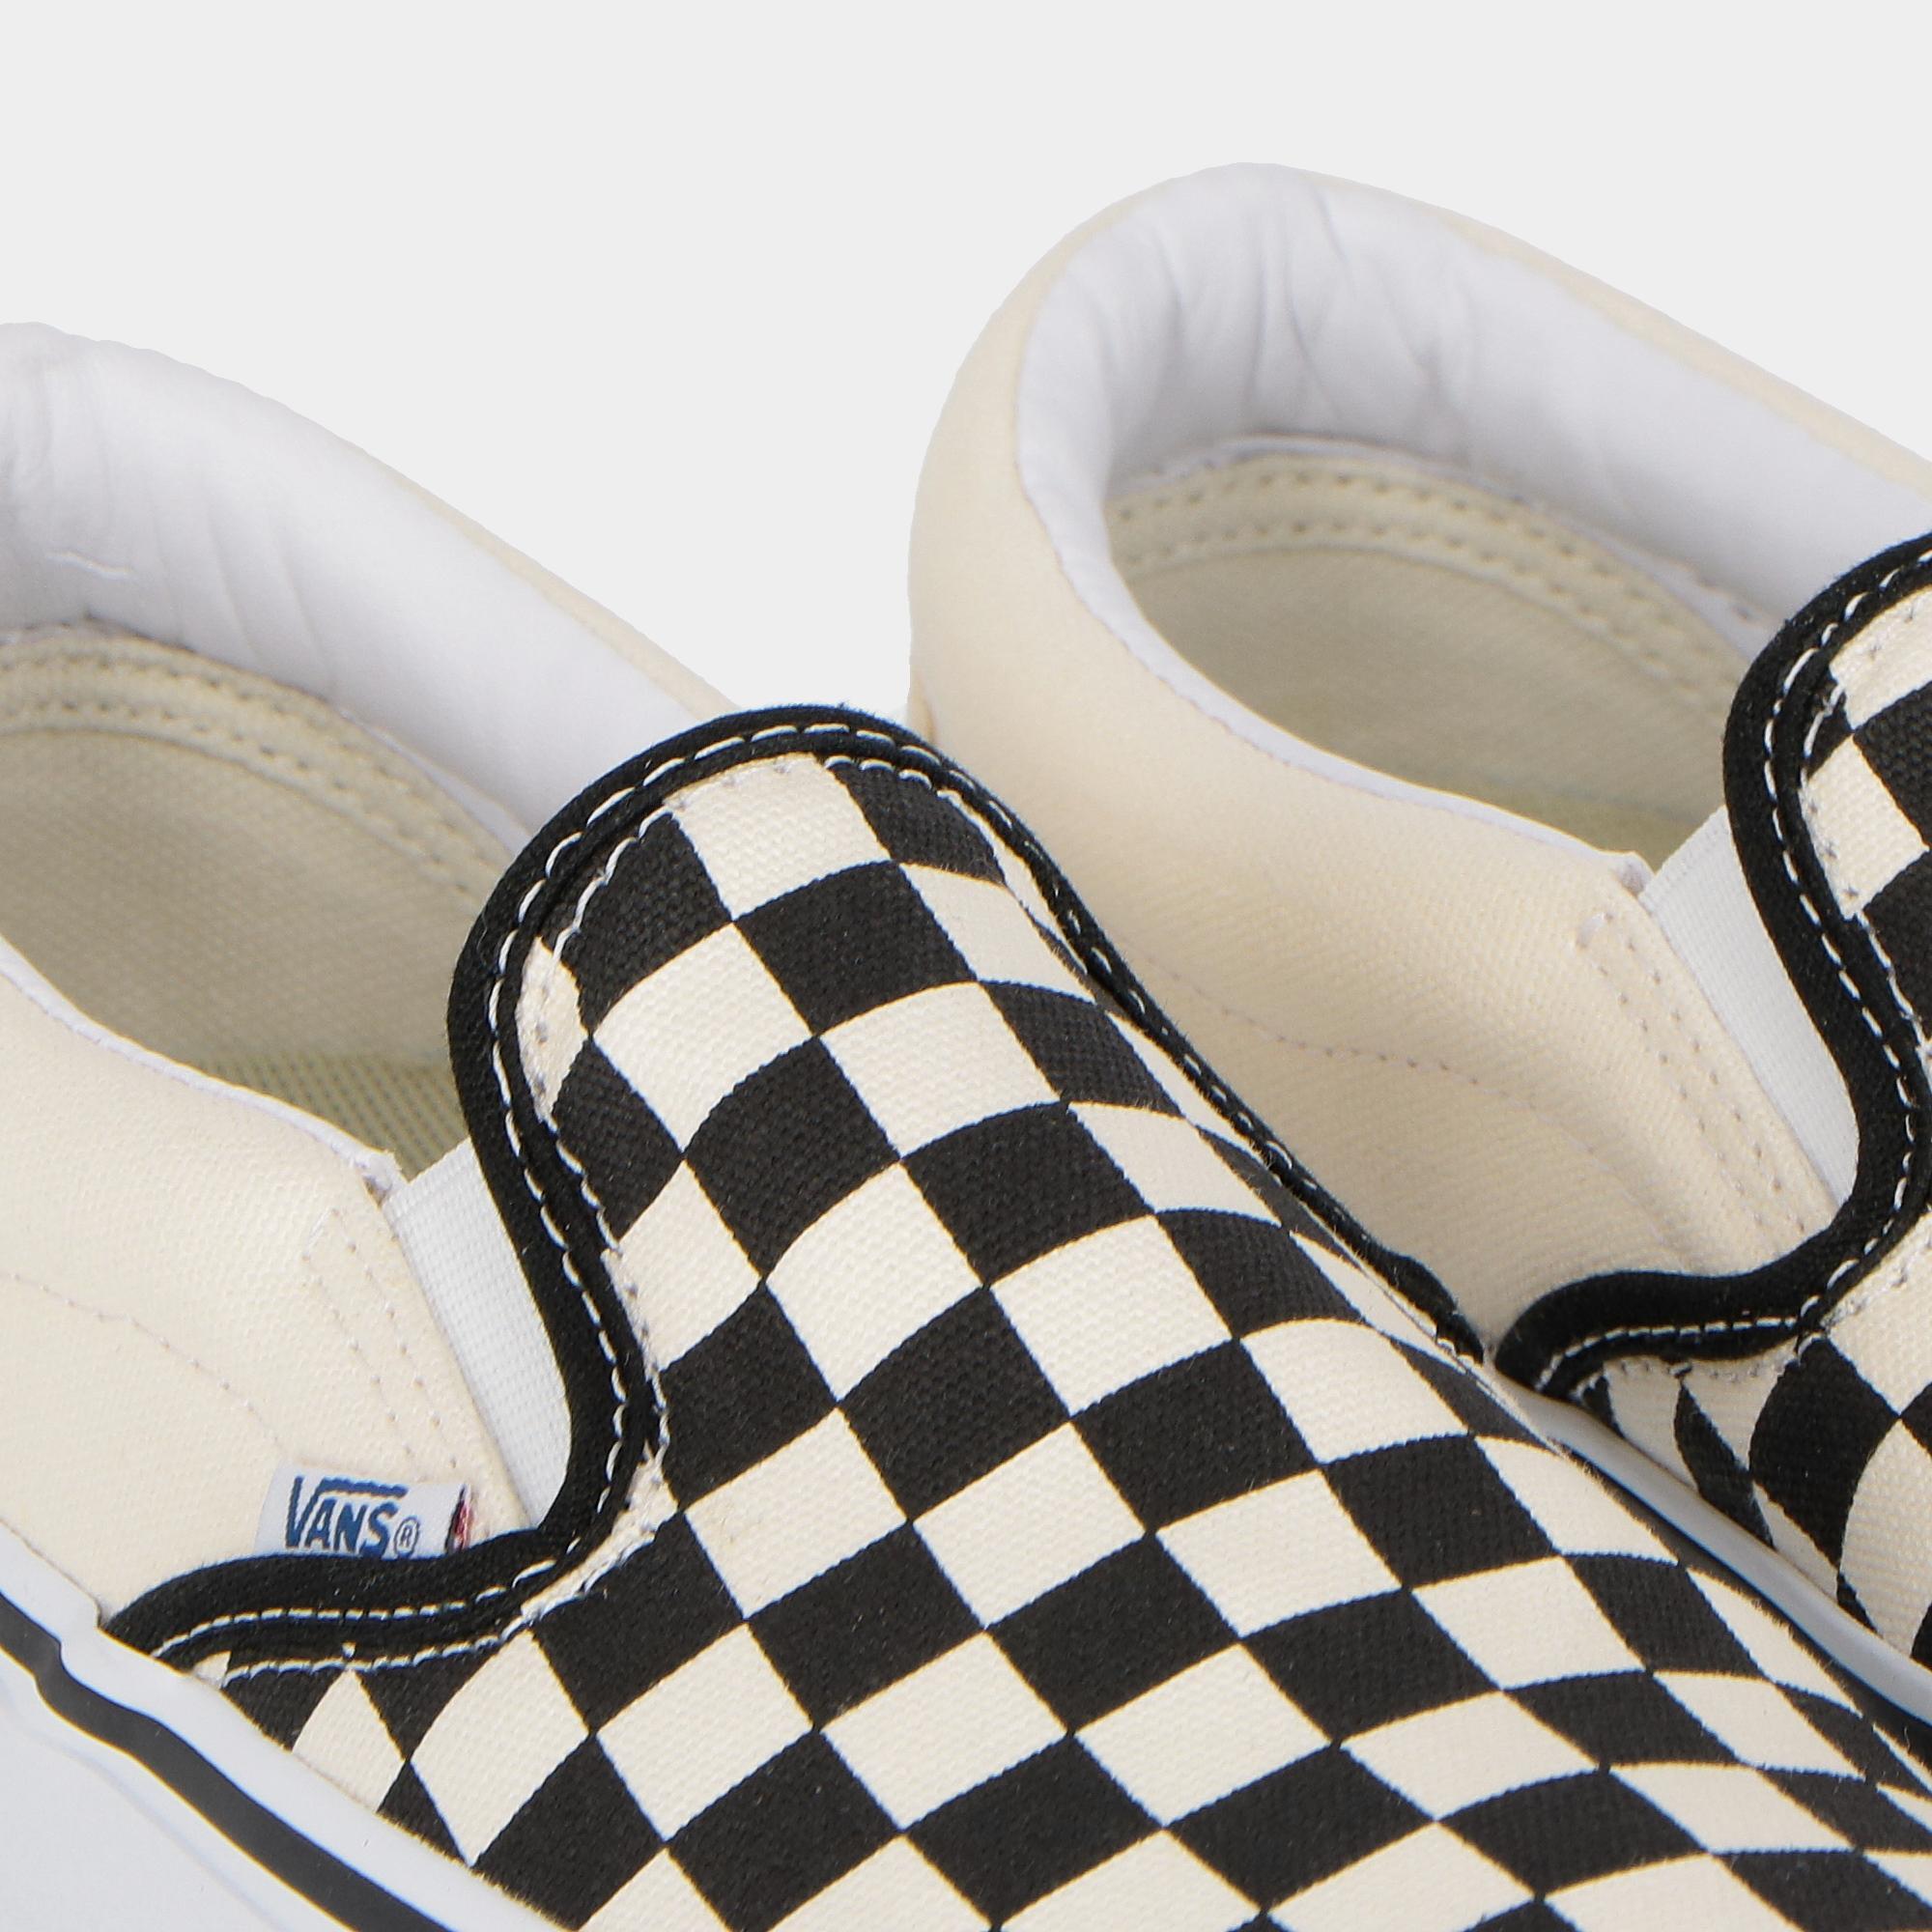 Vans Slip On Pro Checkrboard